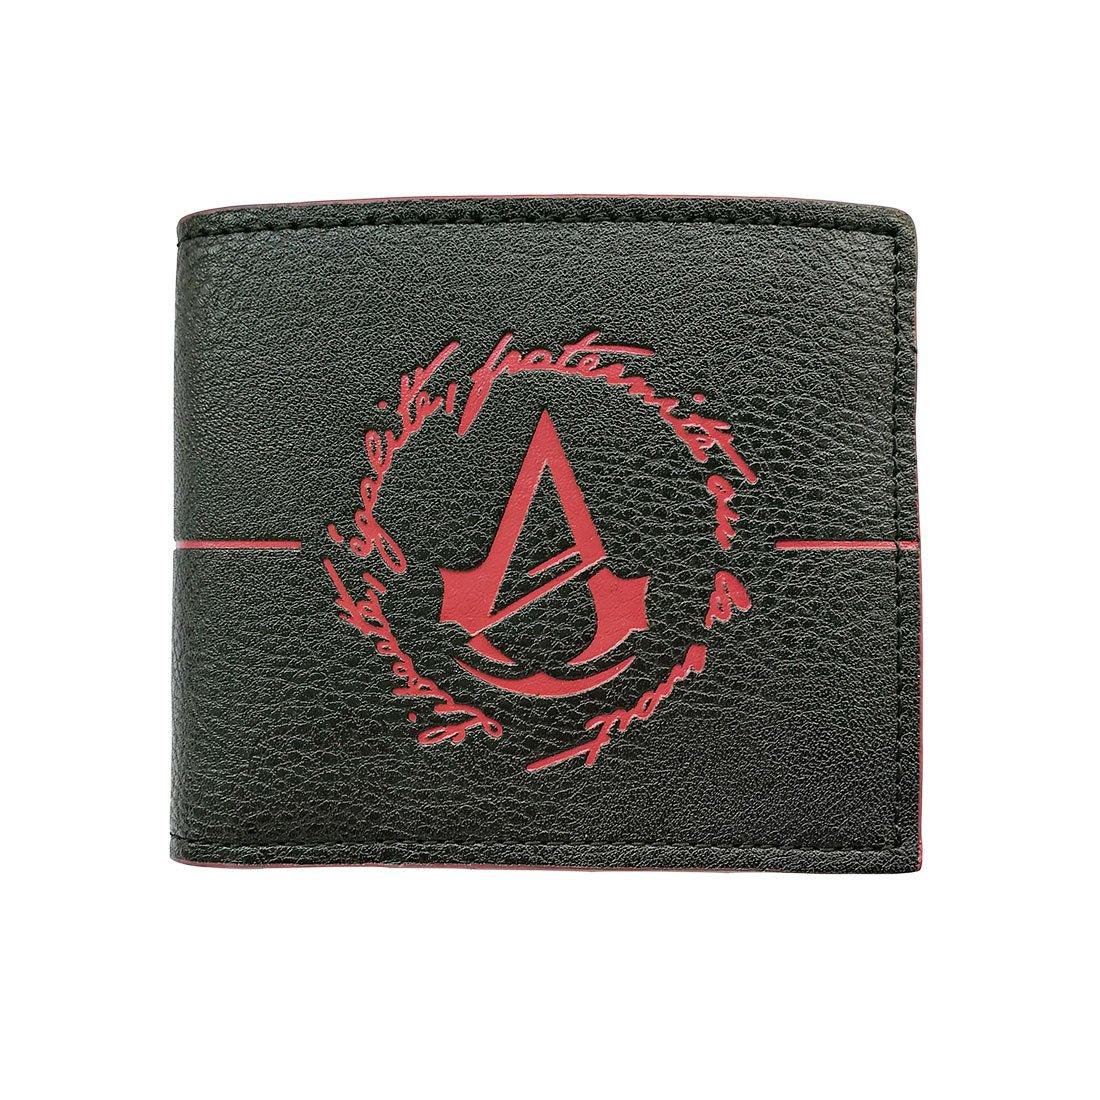 Portafoglio da uomo per uomo Portafogli Assassin's Creed Portafoglio nero con portamonete